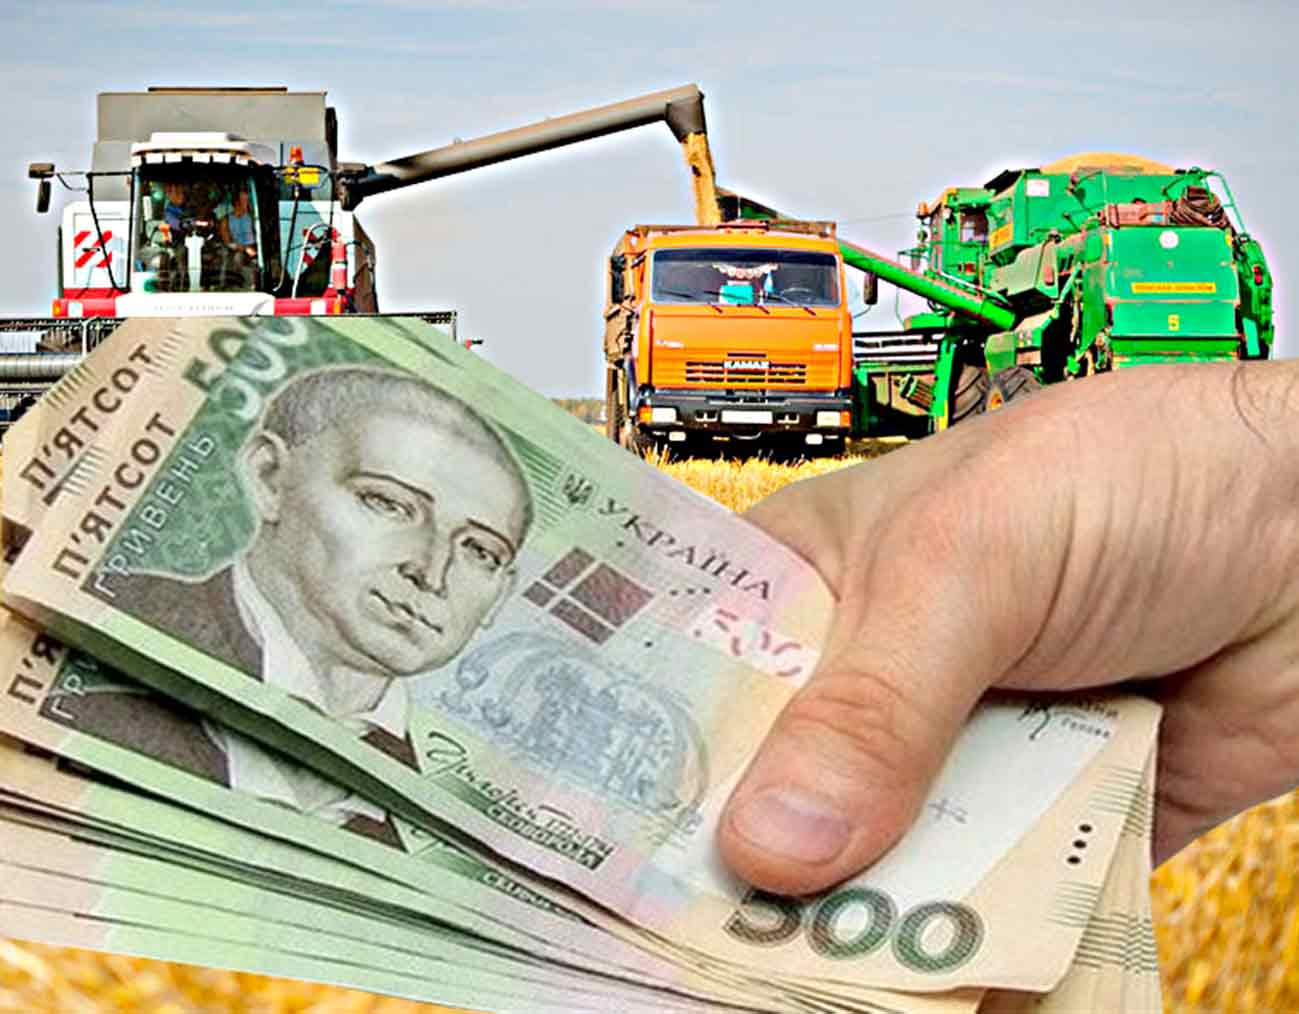 Мільярд гривень «відмили» на Вінниччині на експорті сільгосппродукції